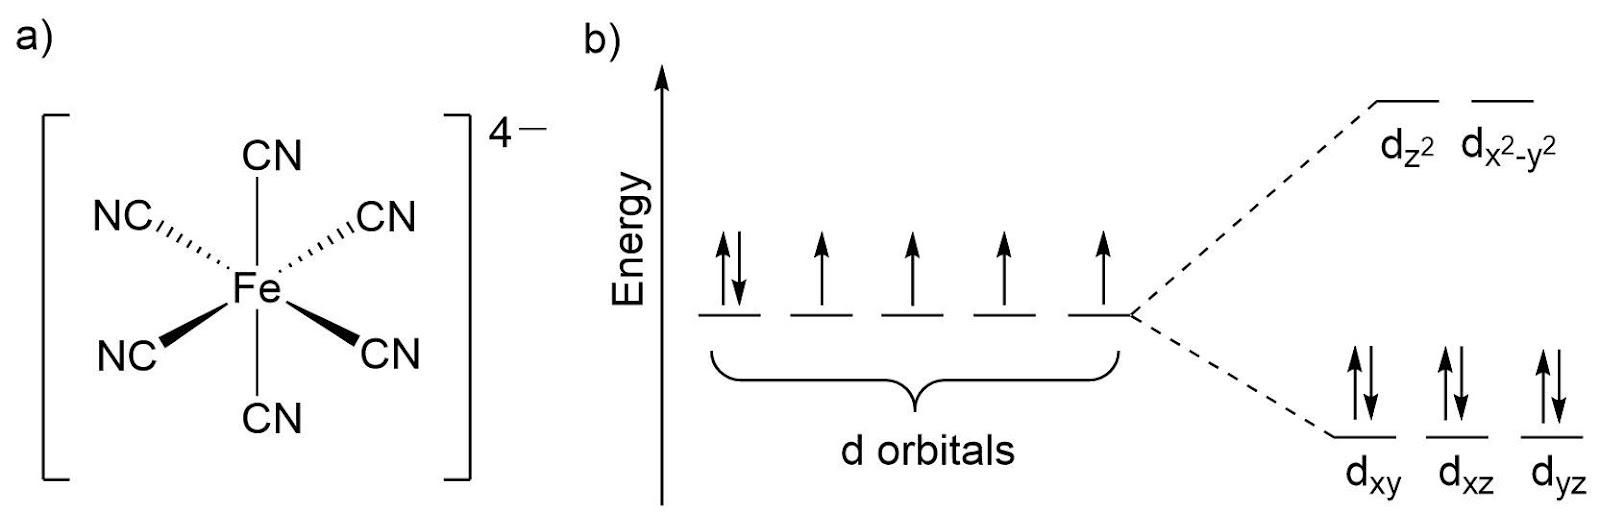 a) Октаэдрический комплекс железа(II), b) энергетическая диаграмма расщепления d-орбиталей.